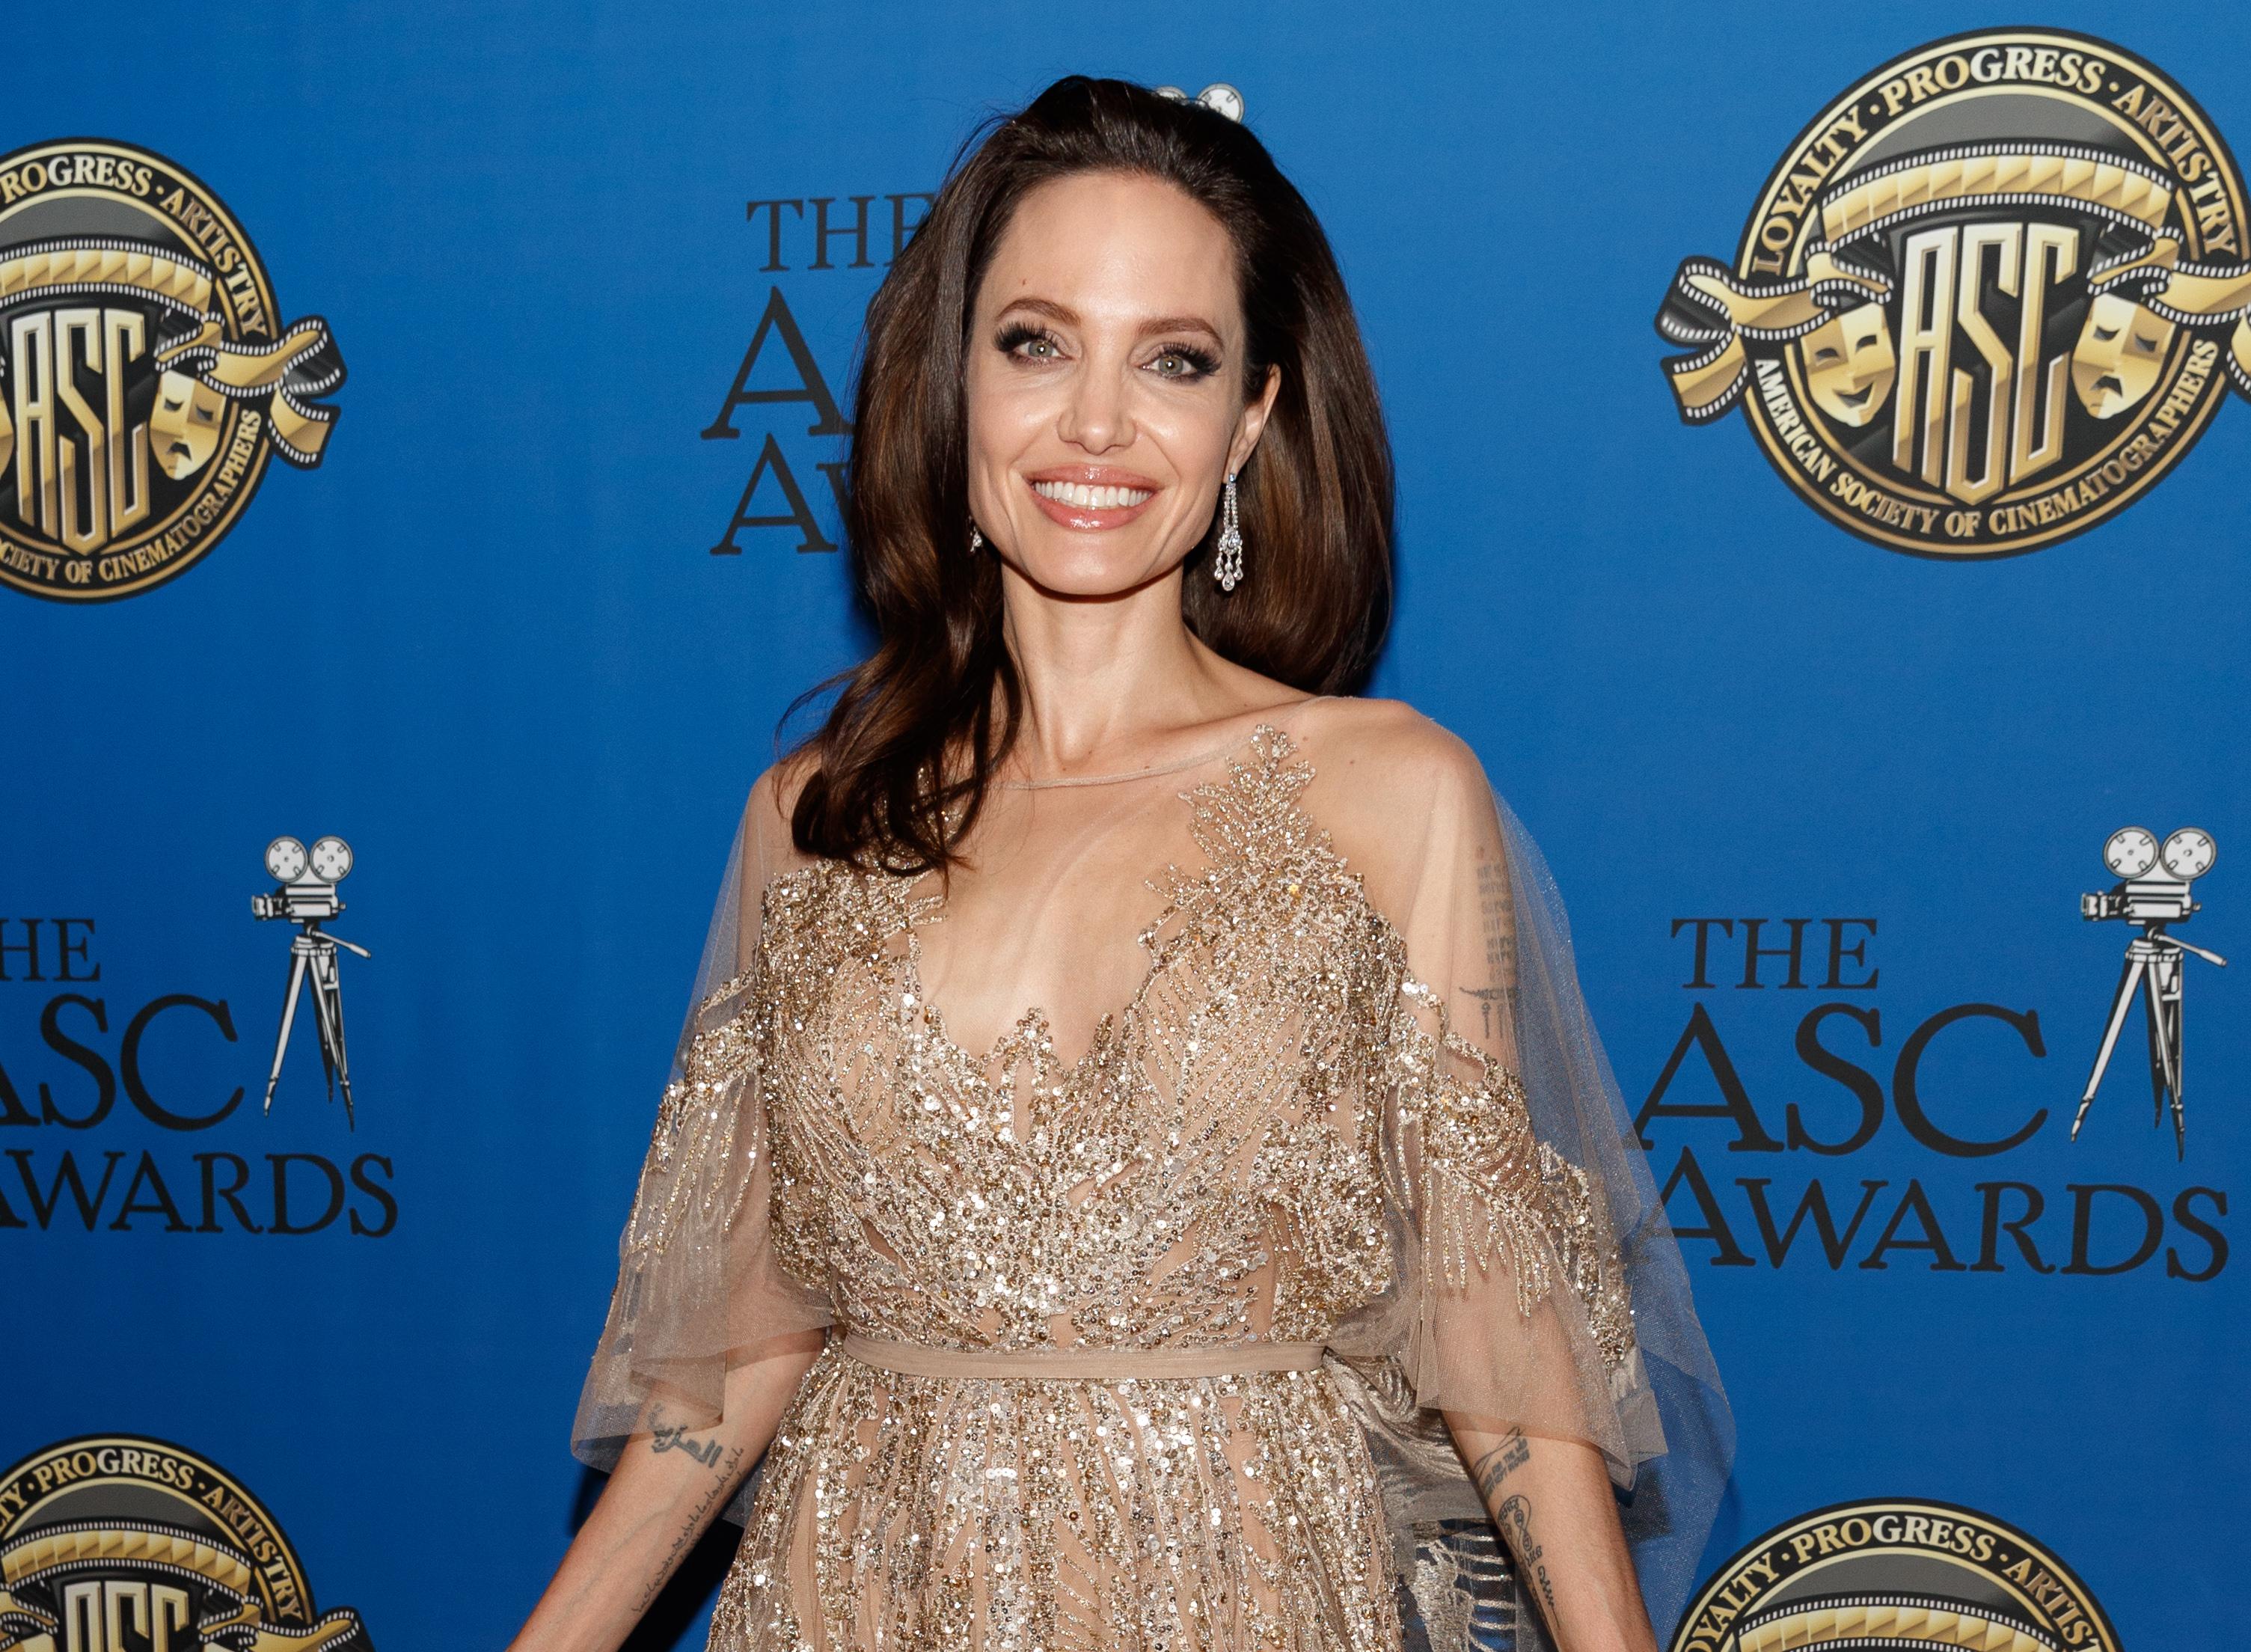 Анджелина Джоли е още една от почитаните актриси. Не само уважавана заради филмовите си роли и красота, но заради огромната благотворителна дейност, с която се занимава.От 2001 г. е пратеник на добра воля на Агенцията за бежанците наООН.